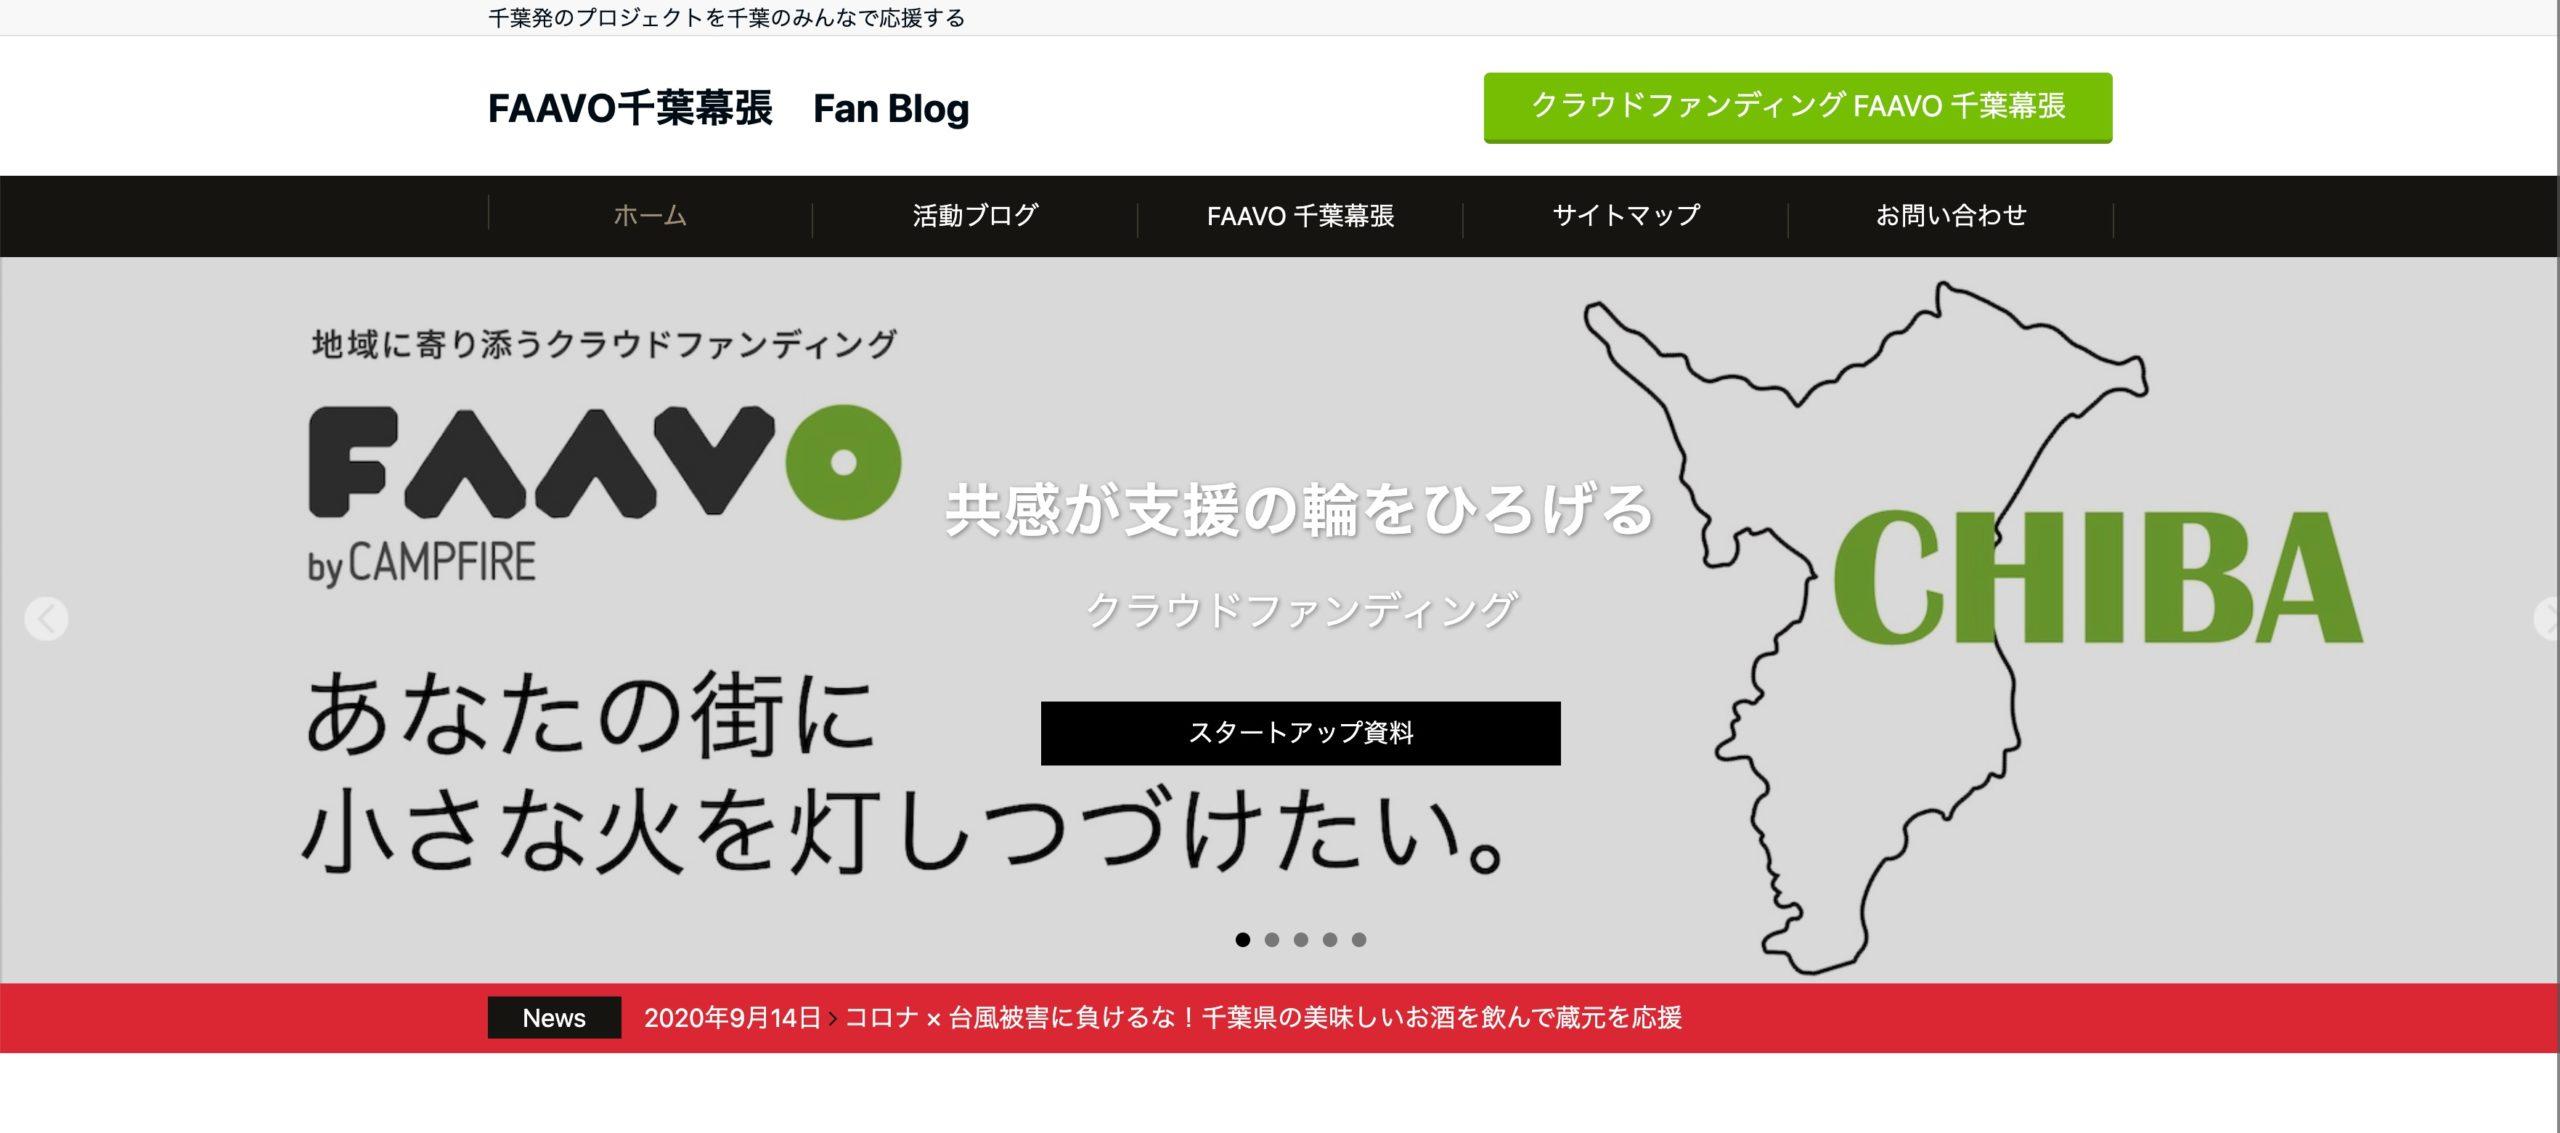 ホームページリニュアールのお知らせ